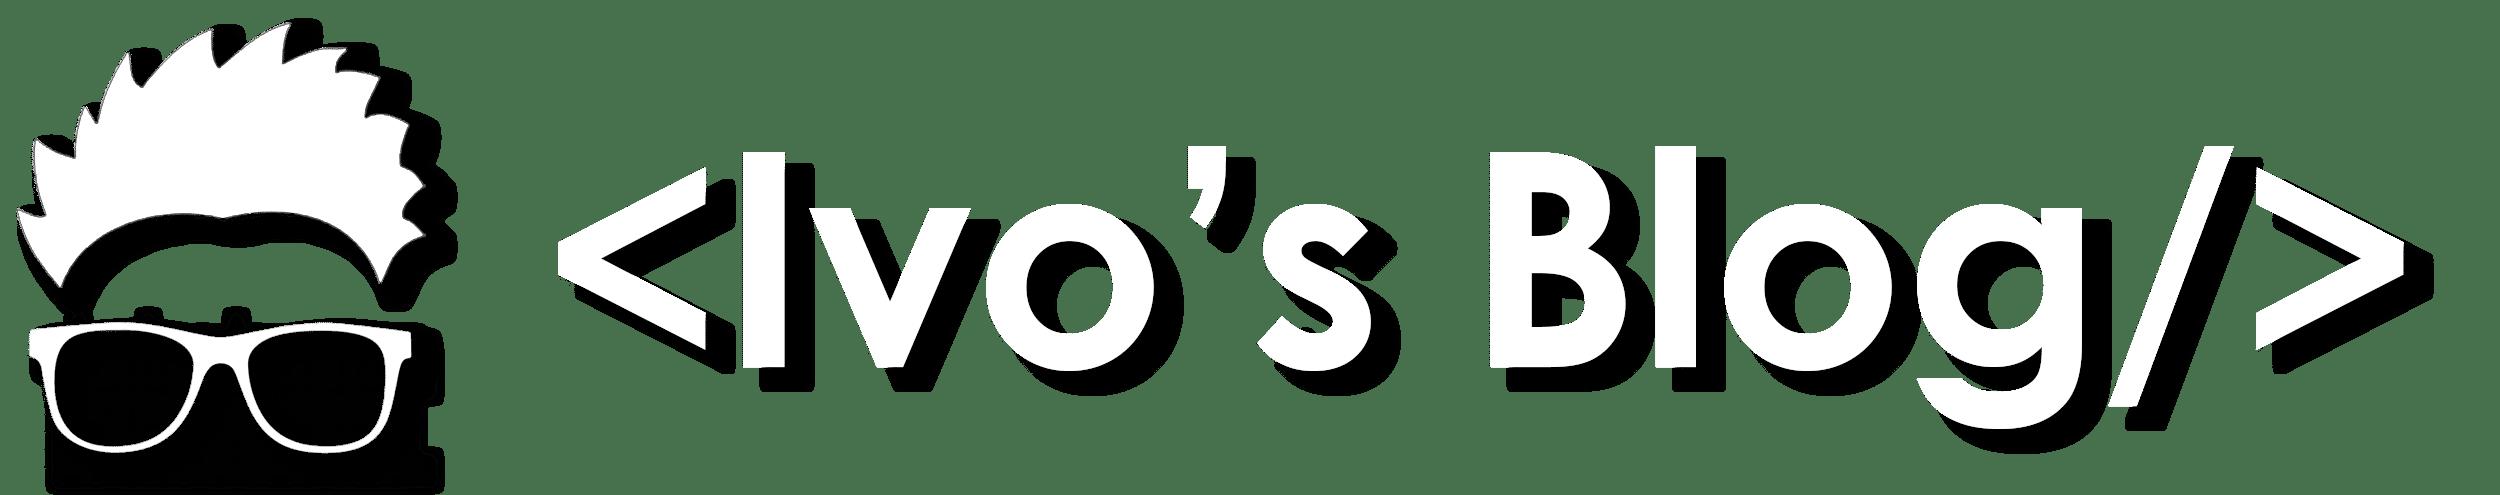 Ivo's Blog!